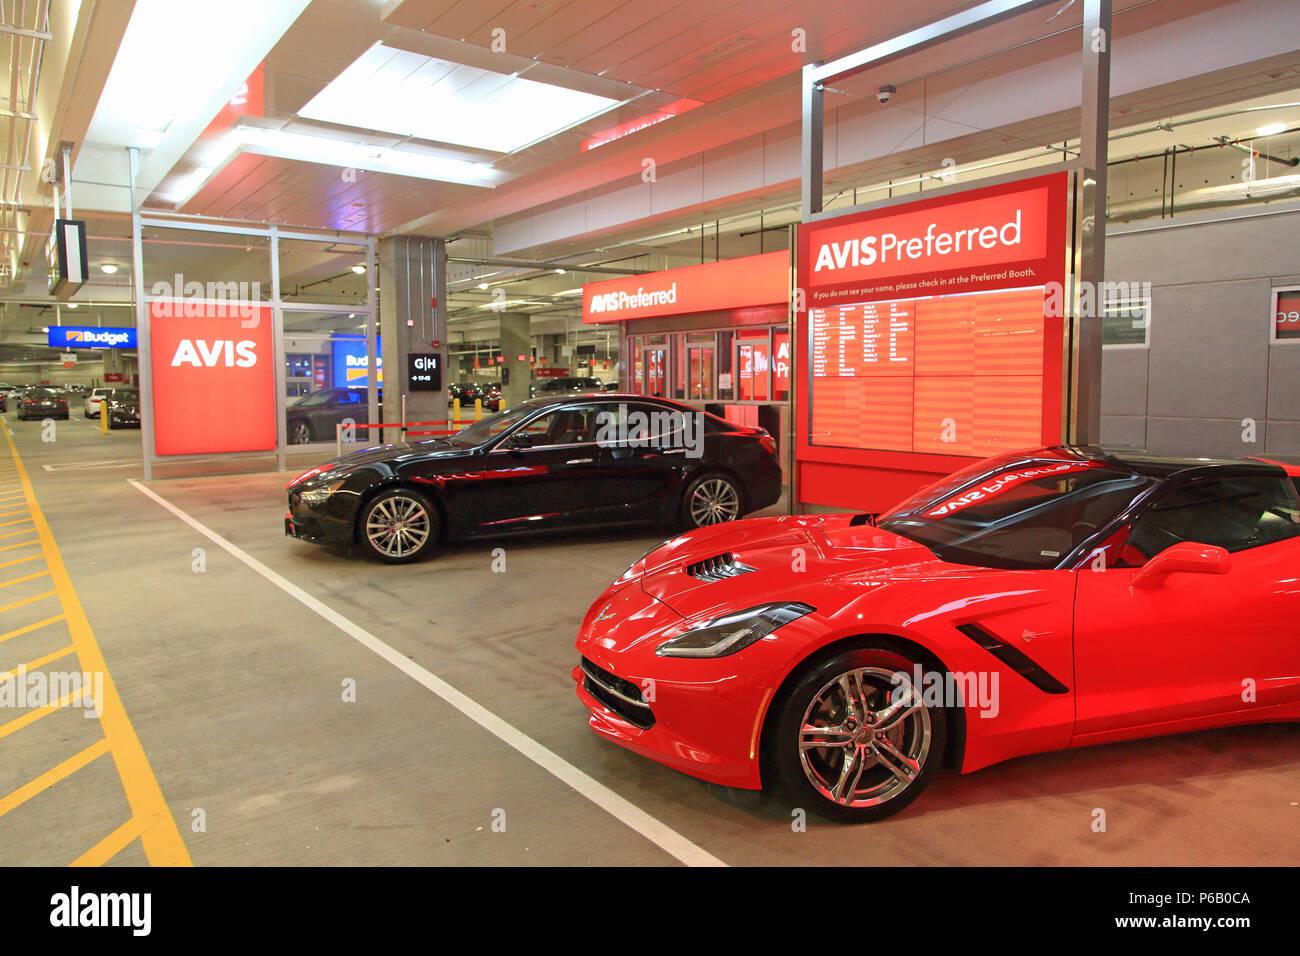 Avis Car Rental Stock Photos Amp Avis Car Rental Stock